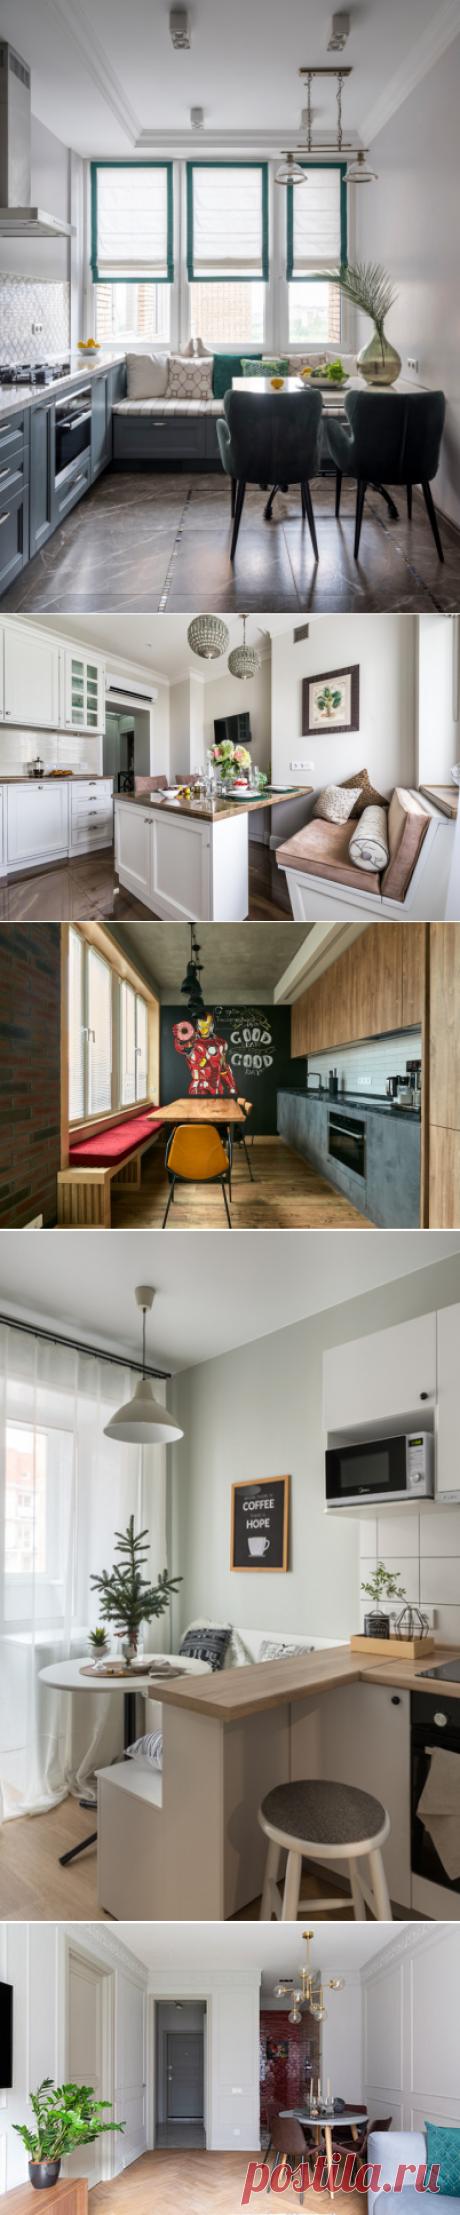 Просто фото: Кухонные уголки | Houzz Россия